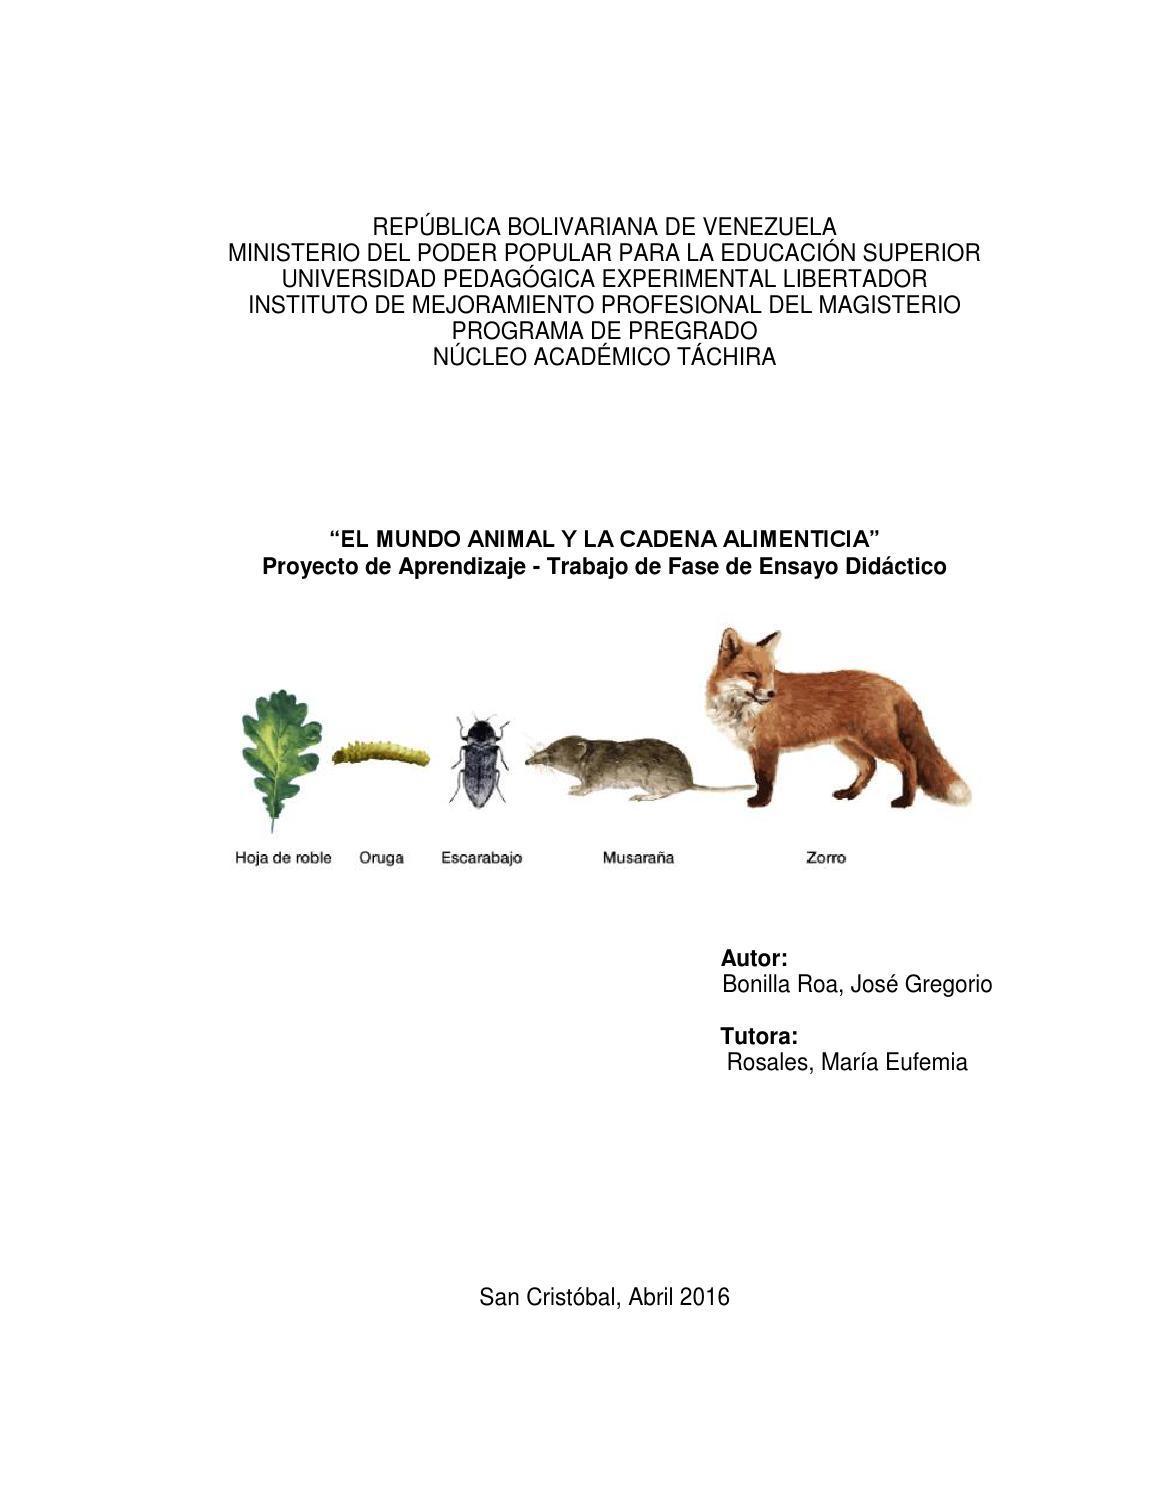 Revista informe final fase de ensayo didáctico j g bonilla by José ...